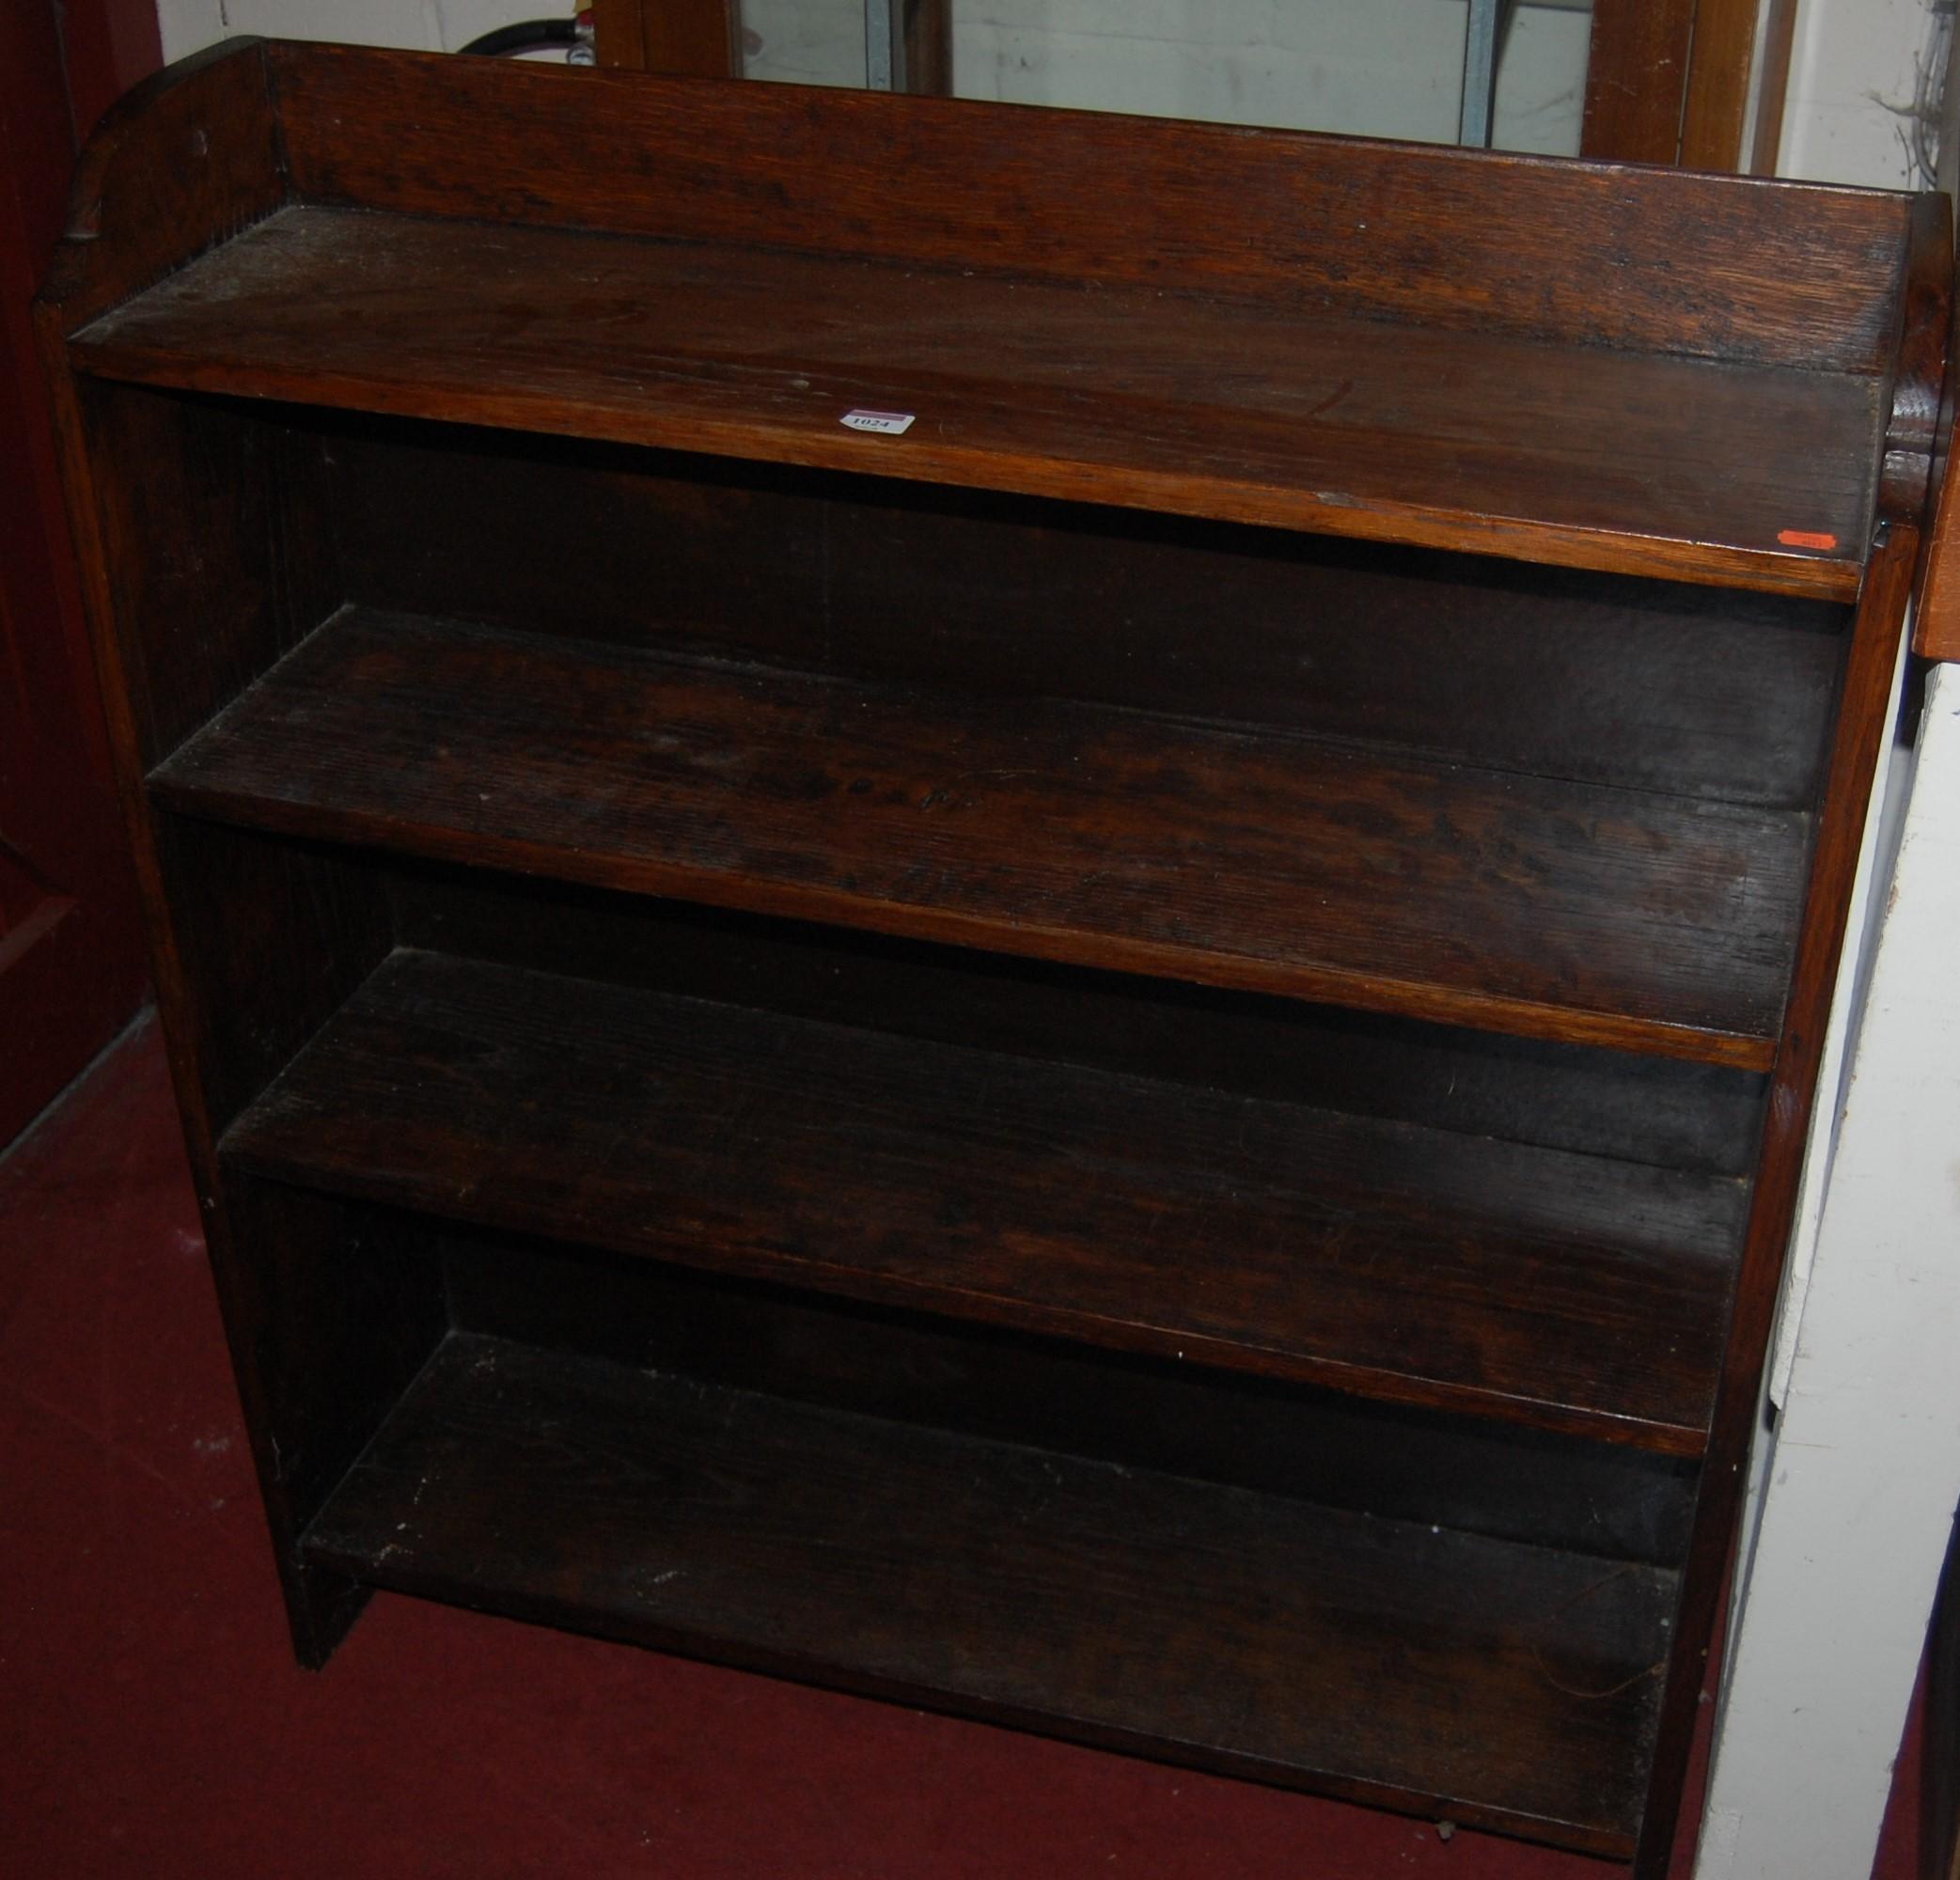 Lot 1024 - A 1930s oak open bookshelf, w.91.5cm